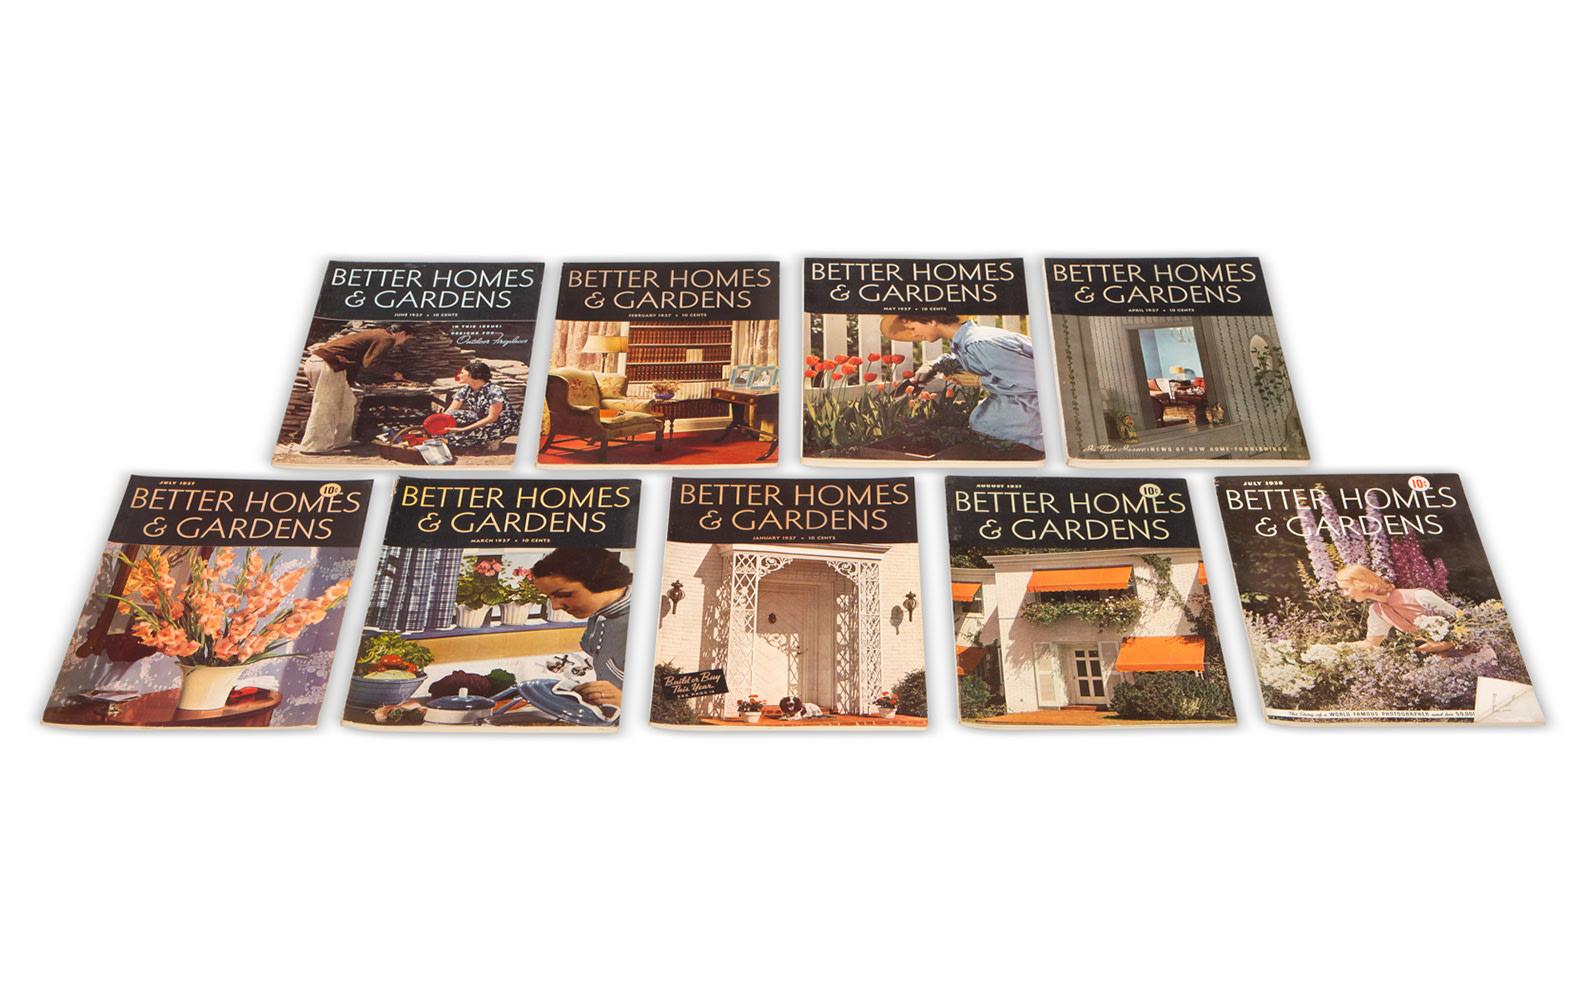 Prod/O21E - Phil Hill C 2021/C0023_Better Homes and Gardens 1937-1938/C0023_1937-1938_Better_Homes_Gardens_1_zwrwla